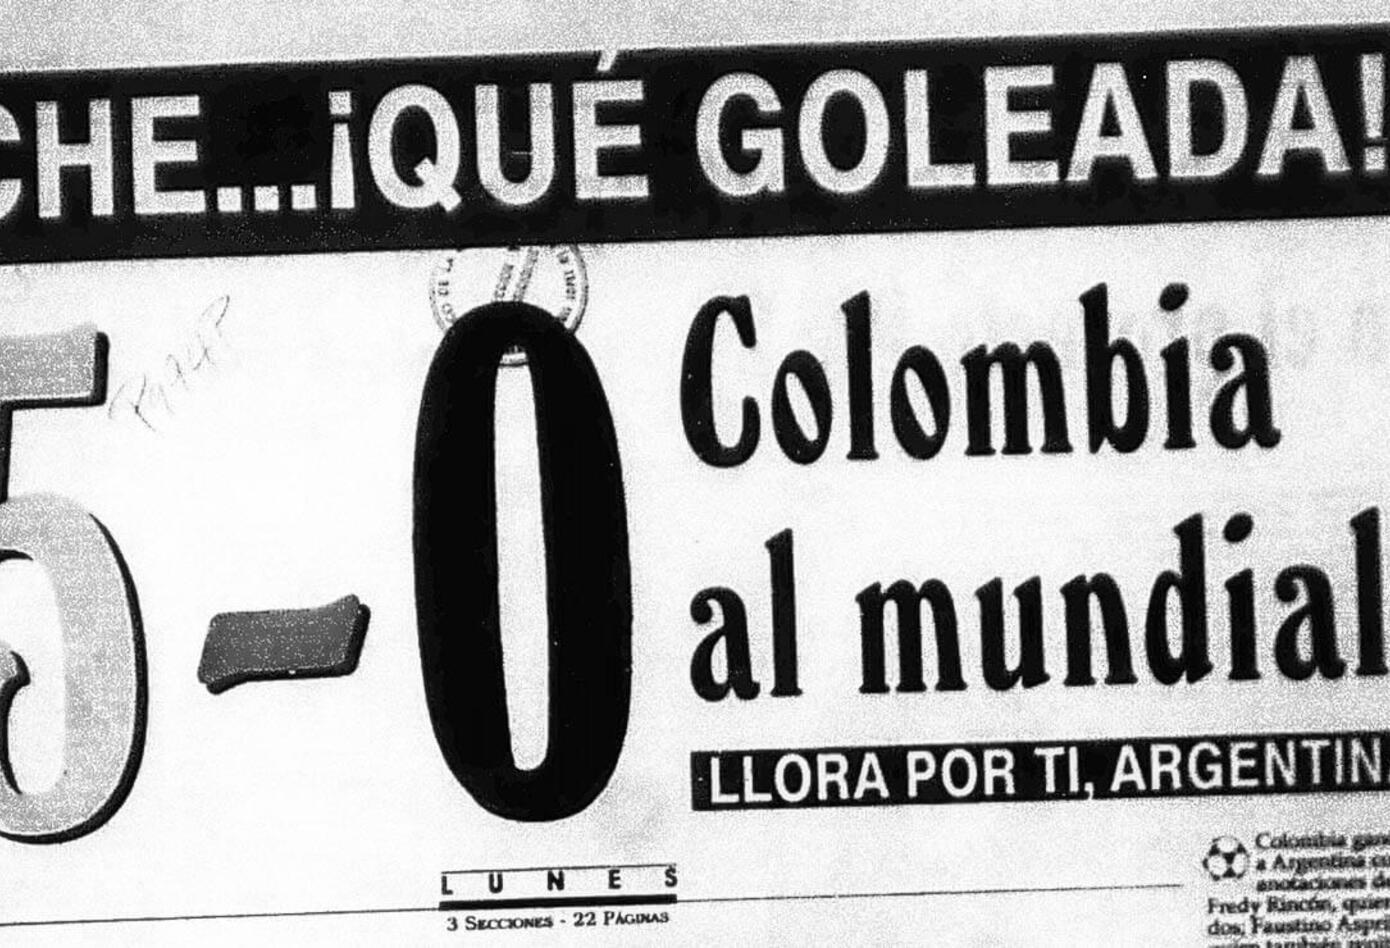 Portada del diario La Patria el 6 de septiembre de 1993